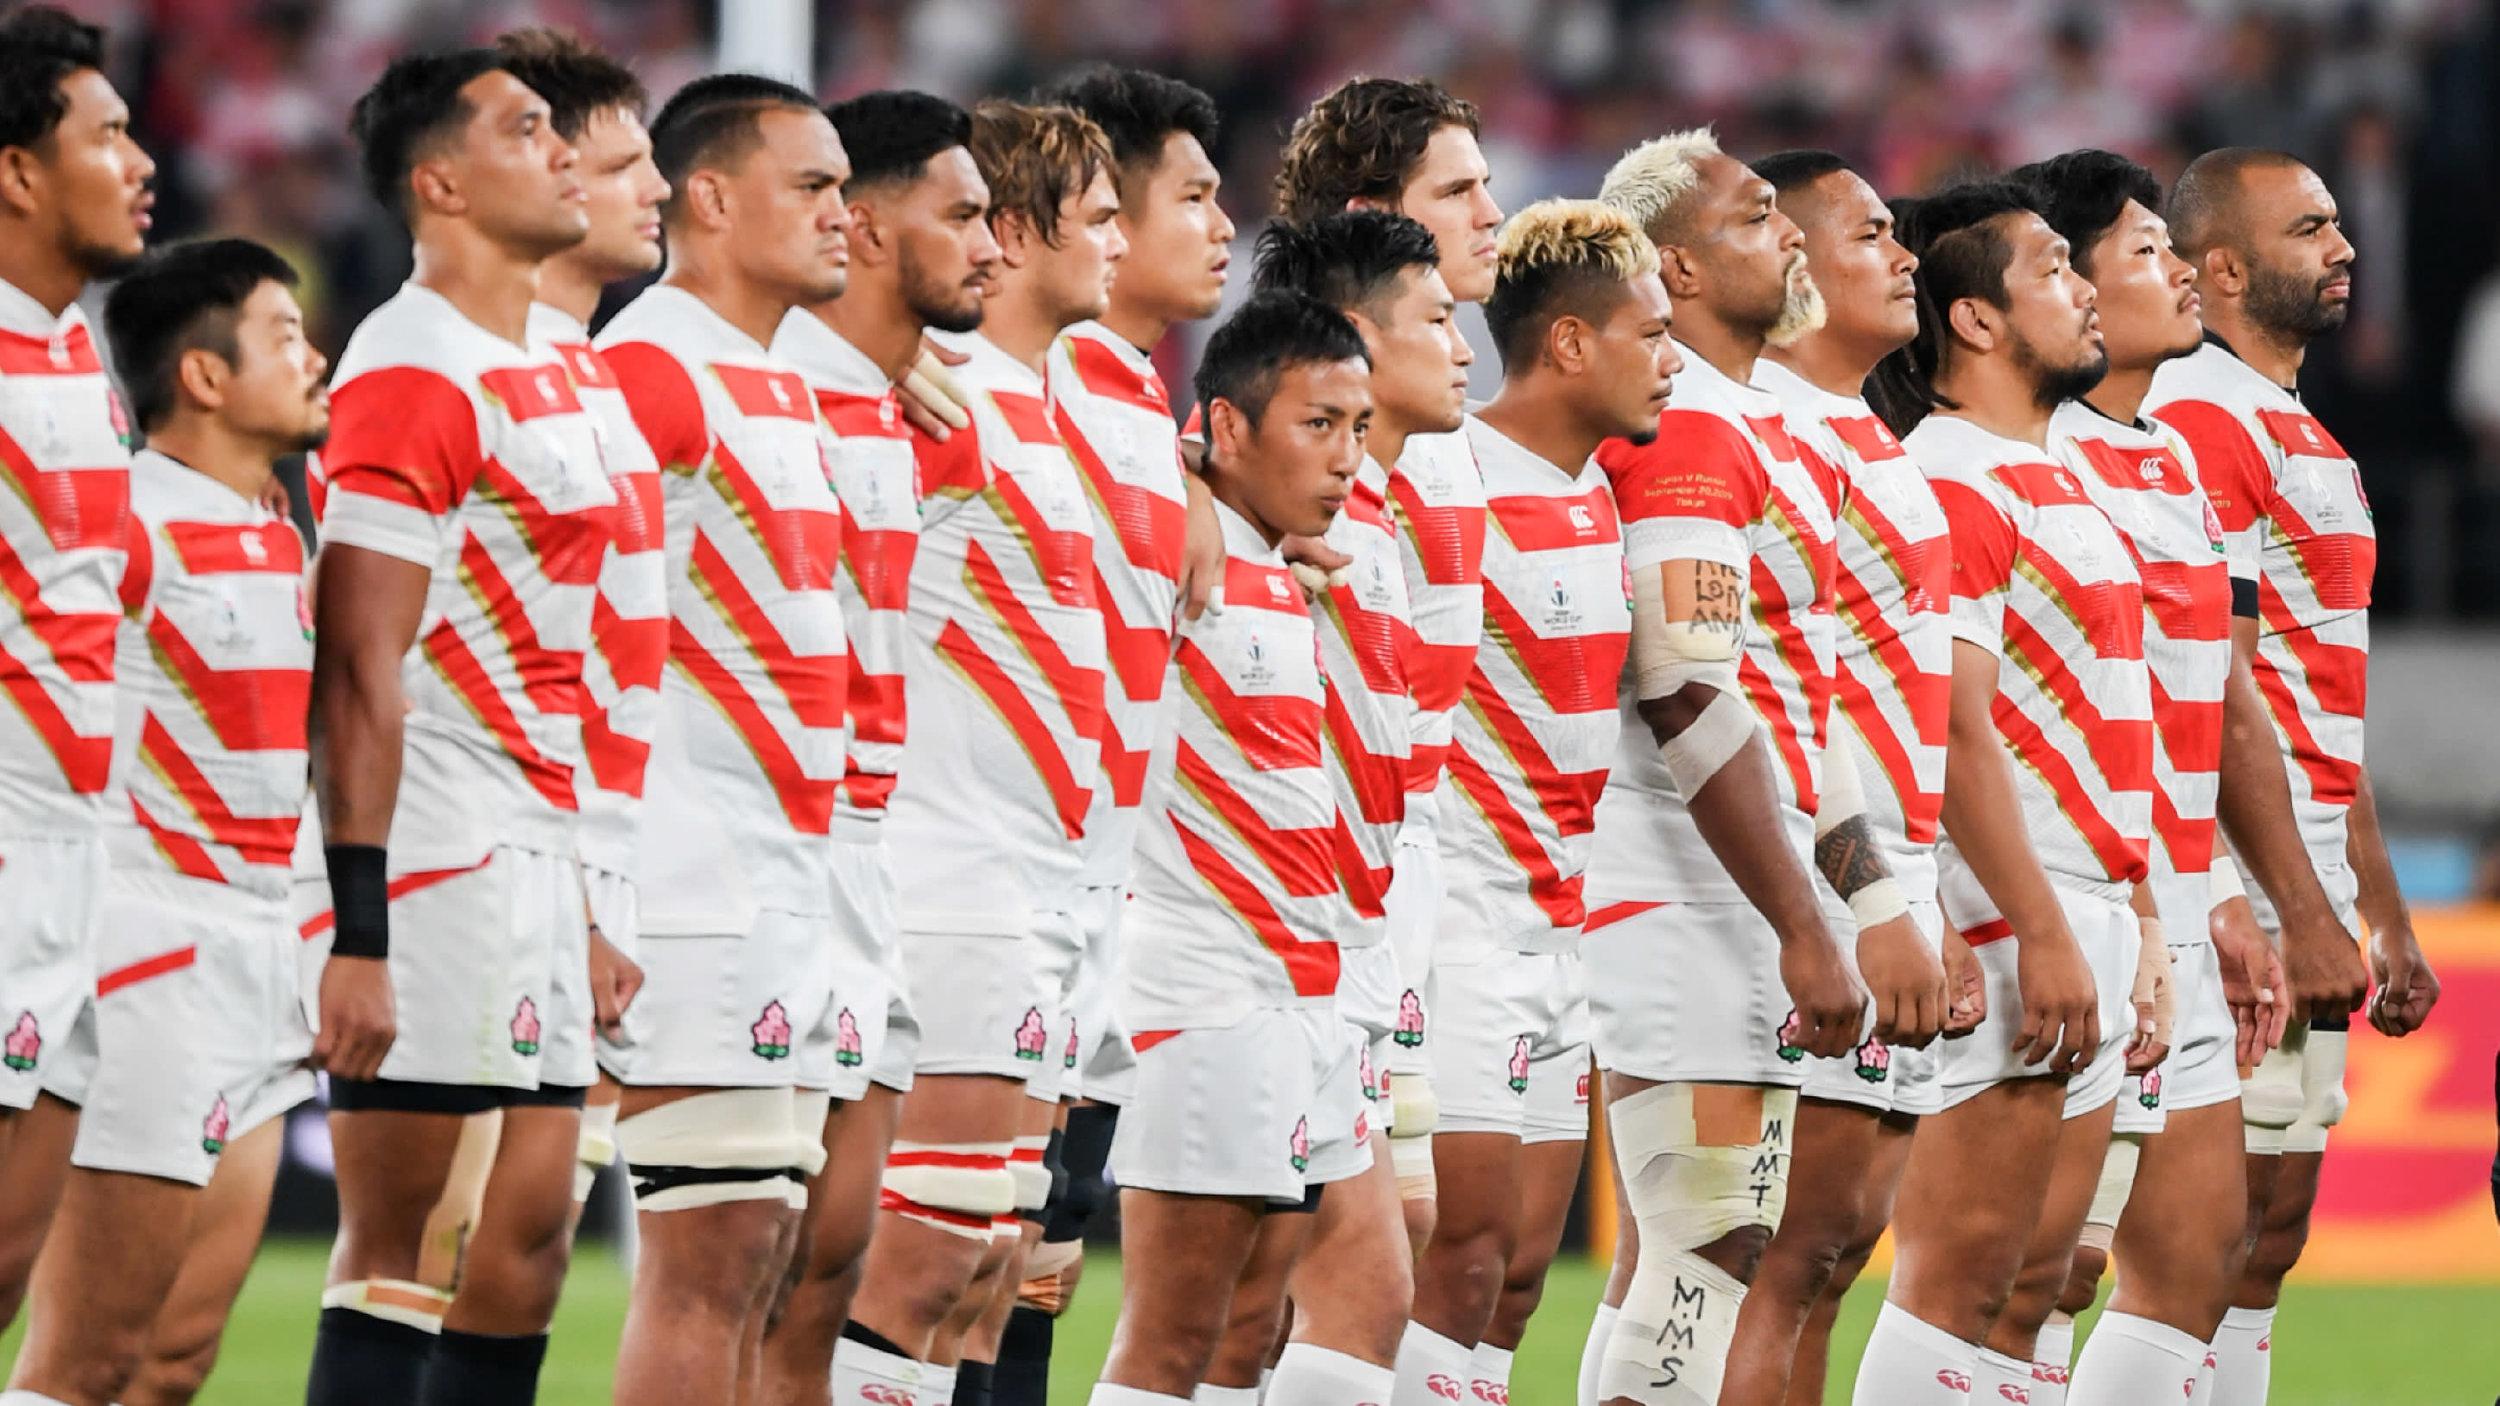 出典: https://asia.nikkei.com/Spotlight/Rugby-World-Cup/Why-rugby-spirit-matters-to-Japan-companies